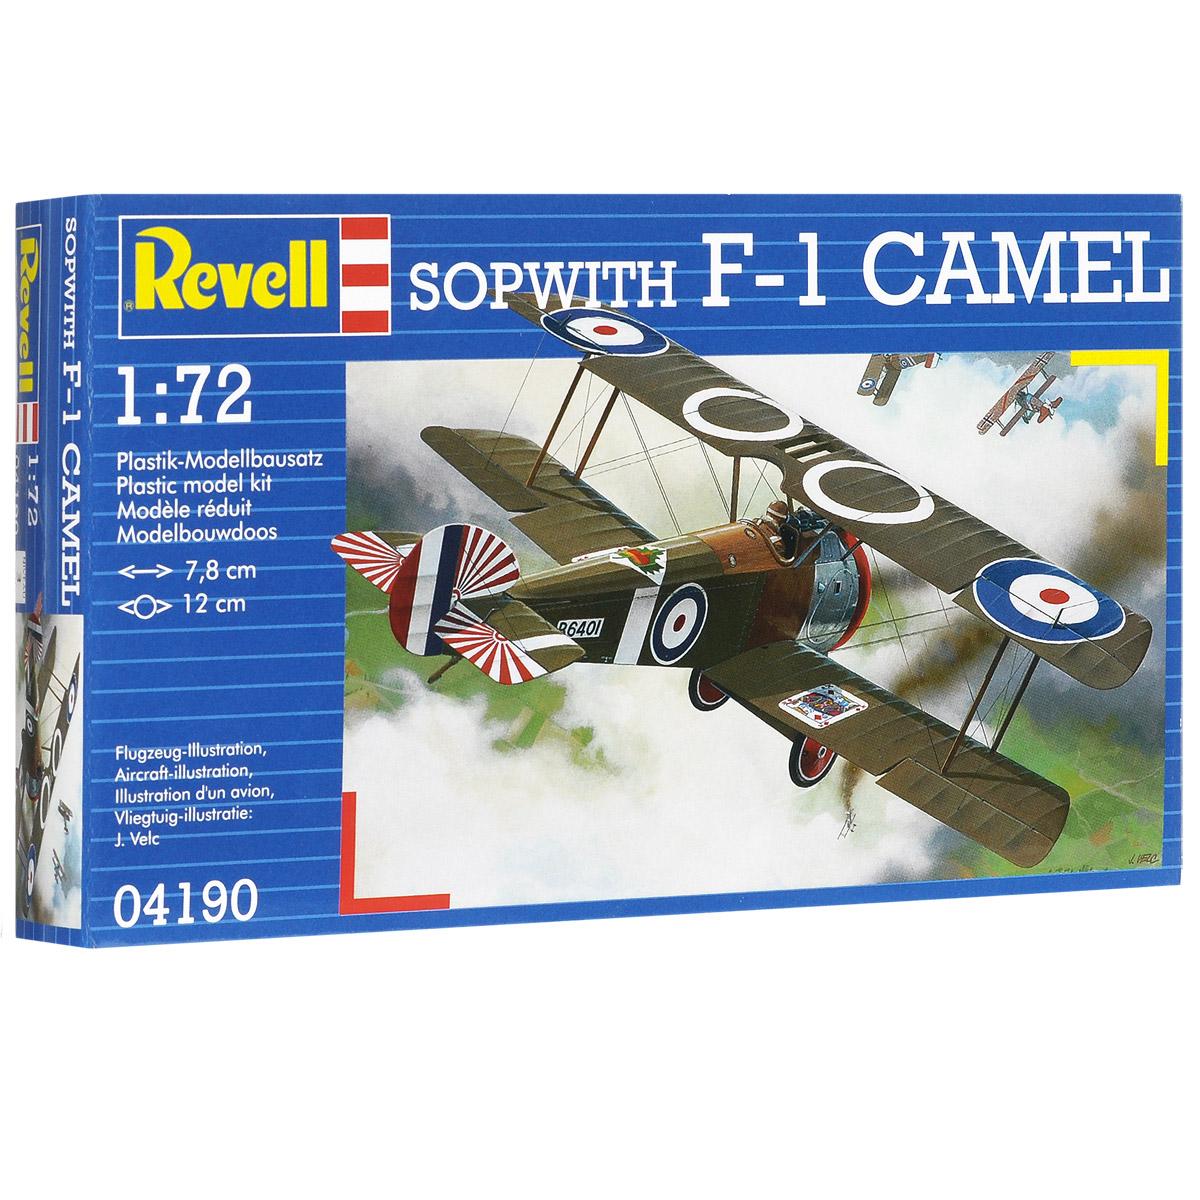 Сборная модель Revell Самолет Sopwith F-1 Camel04190Сборная модель Revell Самолет Sopwith F-1 Camel поможет вам и вашему ребенку придумать увлекательное занятие на долгое время. Набор включает в себя 23 пластиковых элемента, из которых можно собрать достоверную уменьшенную копию одноименного самолета. Sopwith Camel - британский одноместный истребитель времен Первой мировой войны, известен отличной маневренностью среди самолетов тех лет. Разработан компанией Sopwith Aviation Company. Также в наборе схематичная инструкция по сборке. Процесс сборки развивает интеллектуальные и инструментальные способности, воображение и конструктивное мышление, а также прививает практические навыки работы со схемами и чертежами. Уровень сложности: 3. УВАЖАЕМЫЕ КЛИЕНТЫ! Обращаем ваше внимание на тот факт, что элементы для сборки не покрашены. Клей и краски в комплект не входят.